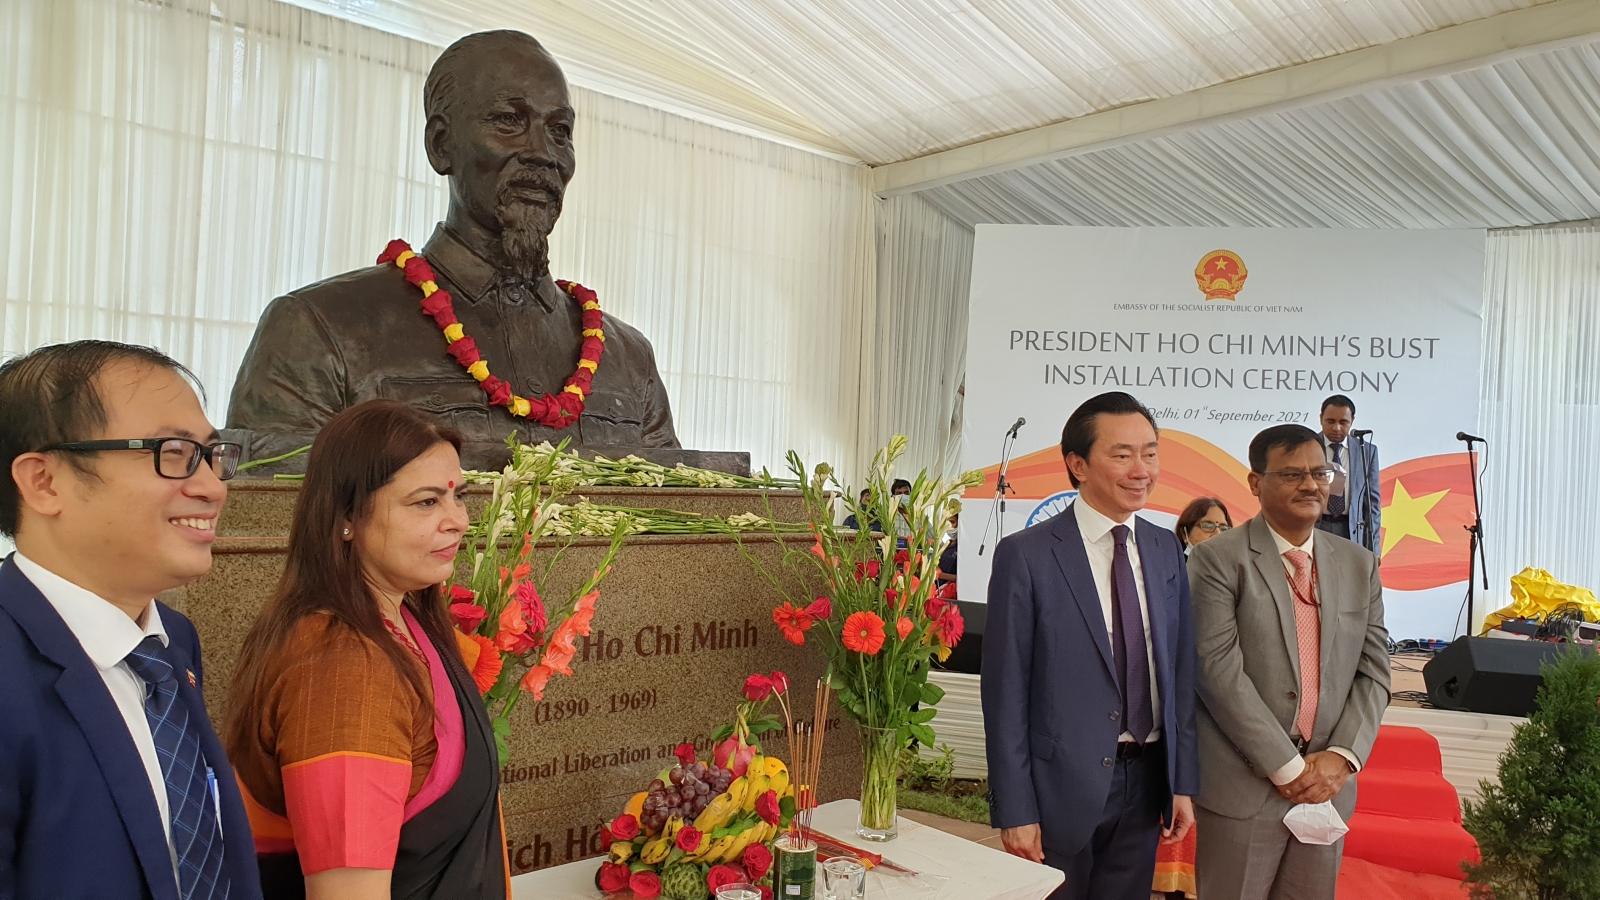 Tổ chức đặt tượng Chủ tịch Hồ Chí Minh tại New Delhi, Ấn Độ